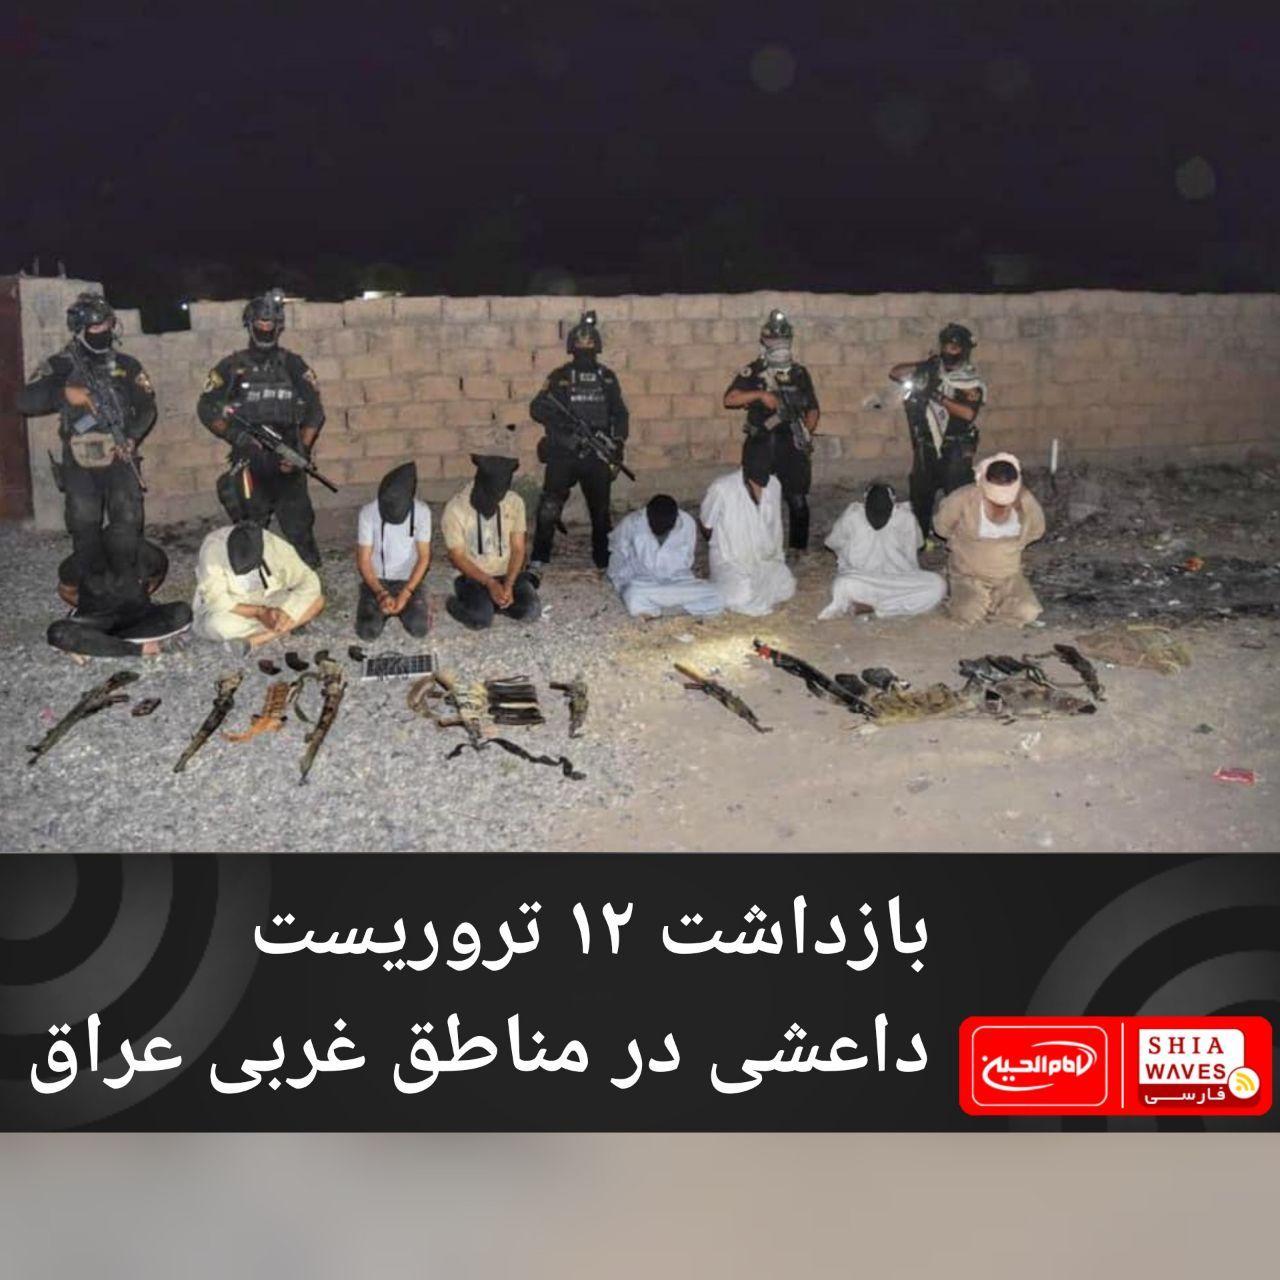 تصویر بازداشت ۱۲ تروریست داعشی در مناطق غربی عراق